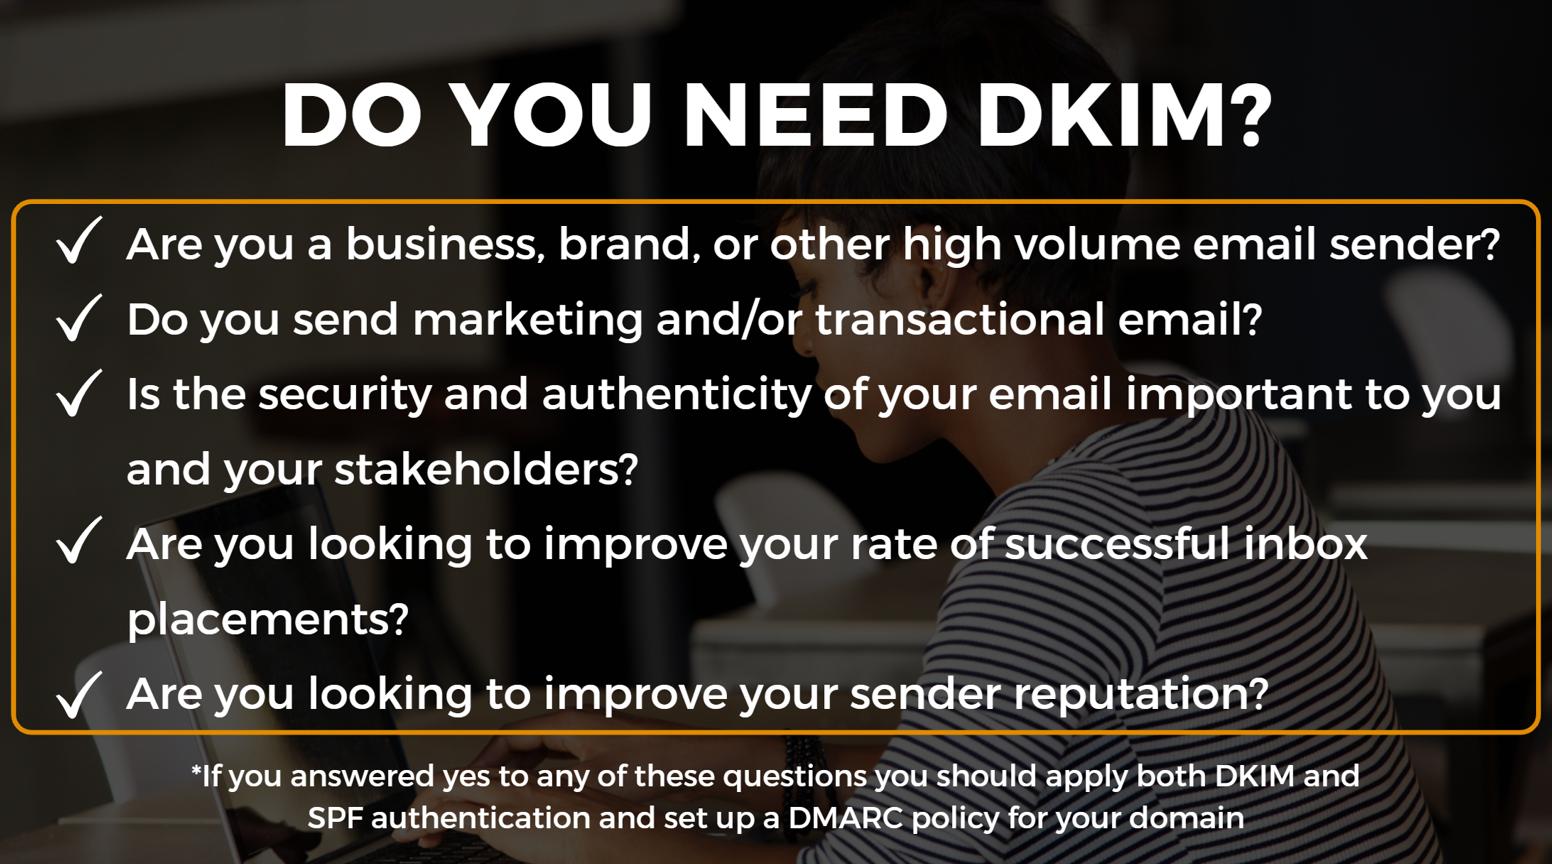 dkim checklist